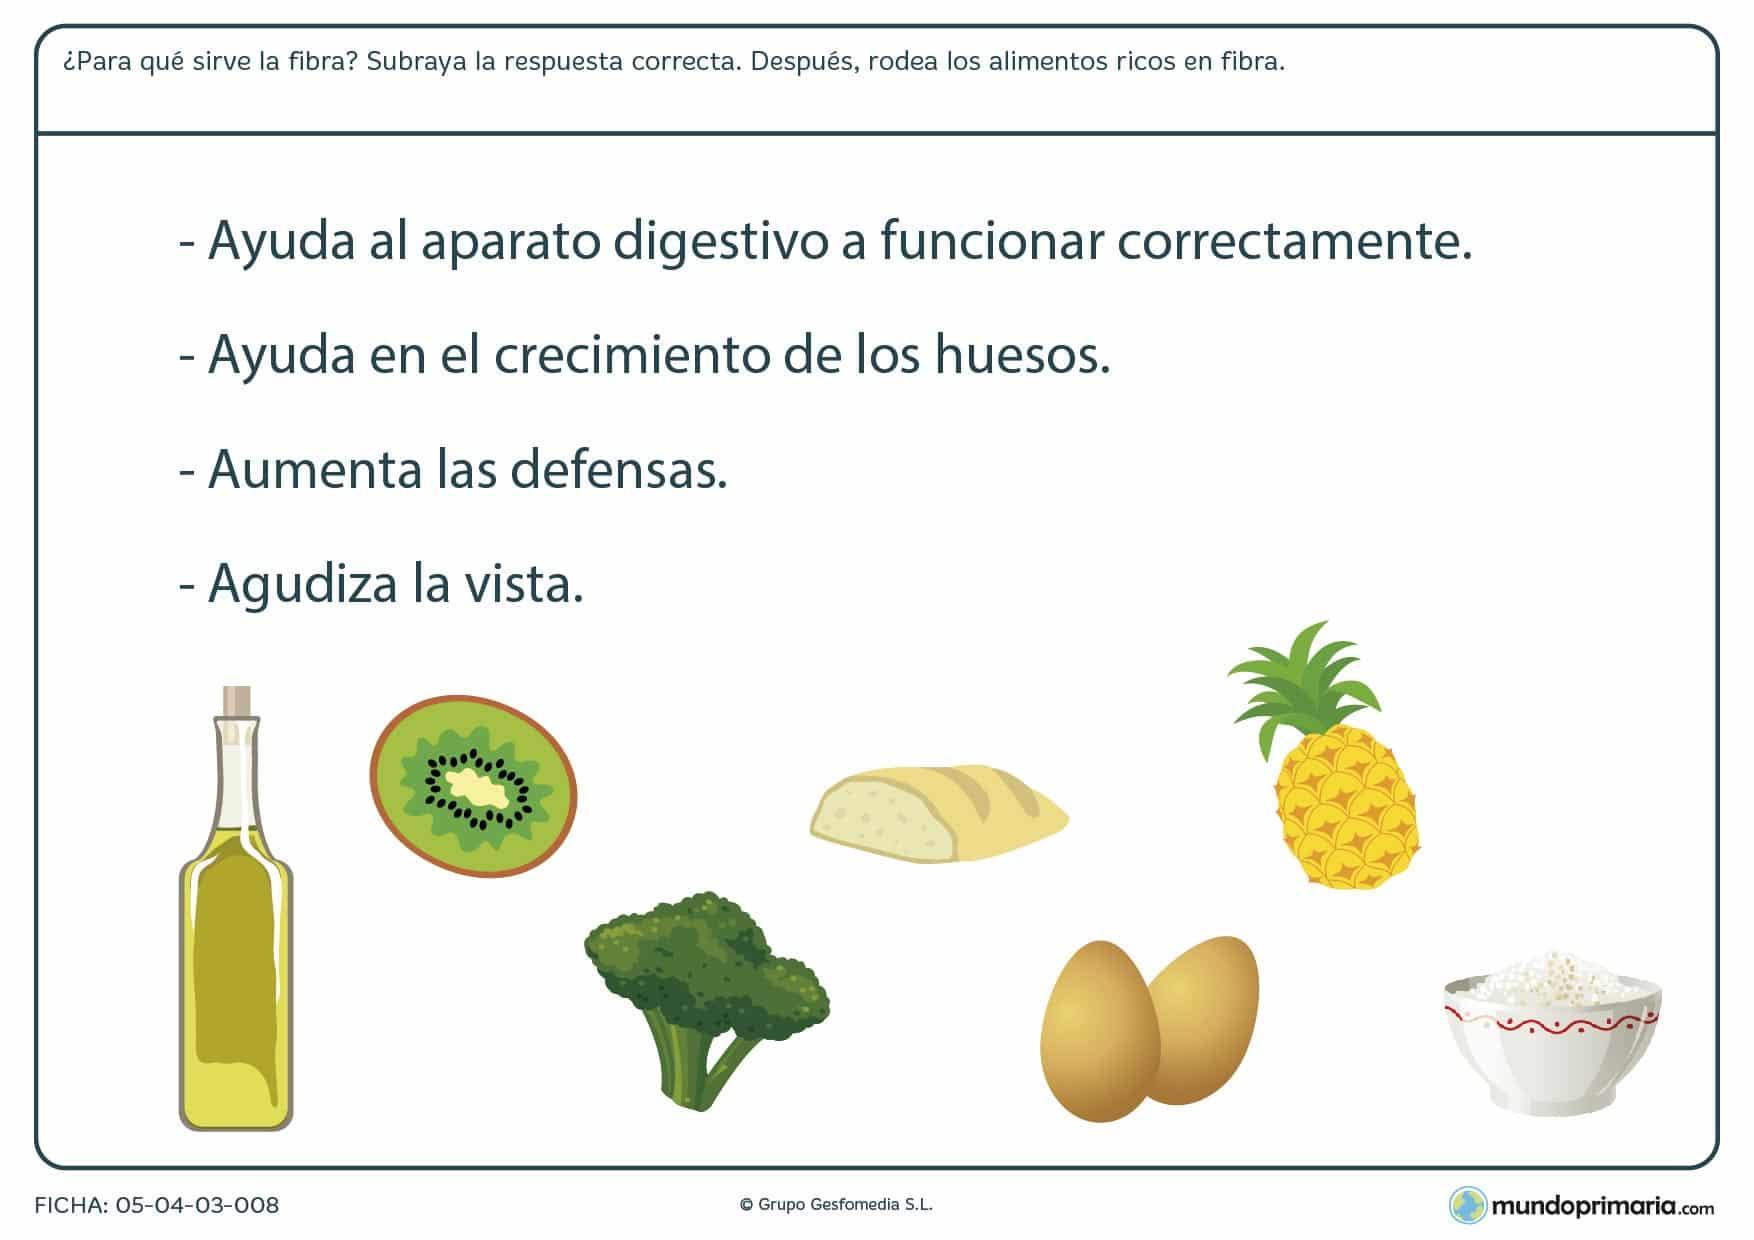 Ficha de los alimentos altos en fibra en el que se tiene que rodear las ímagenes de los alimentos altos en fibra.